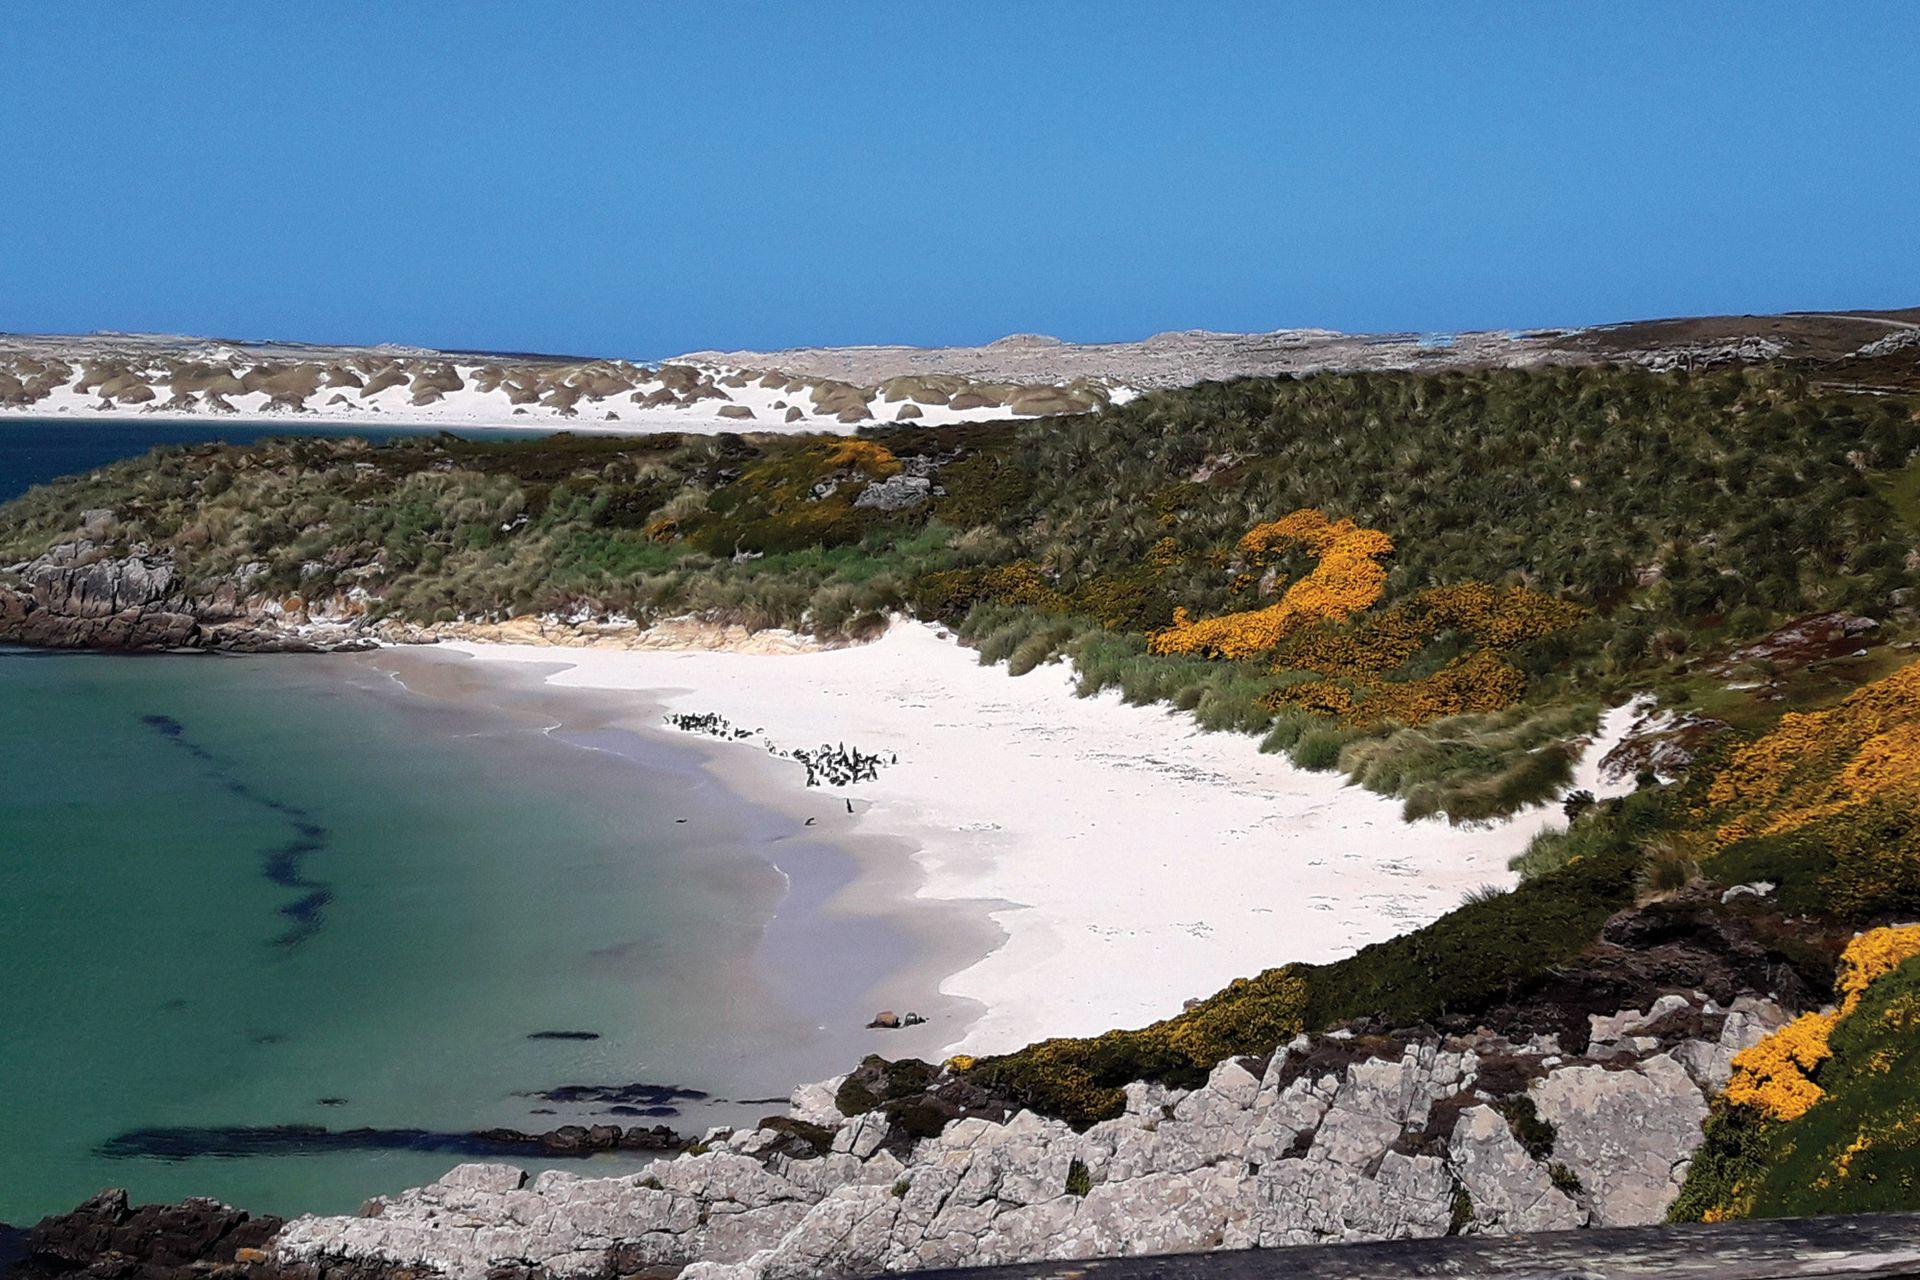 El paisaje de las islas es muy parecido al patagónico.